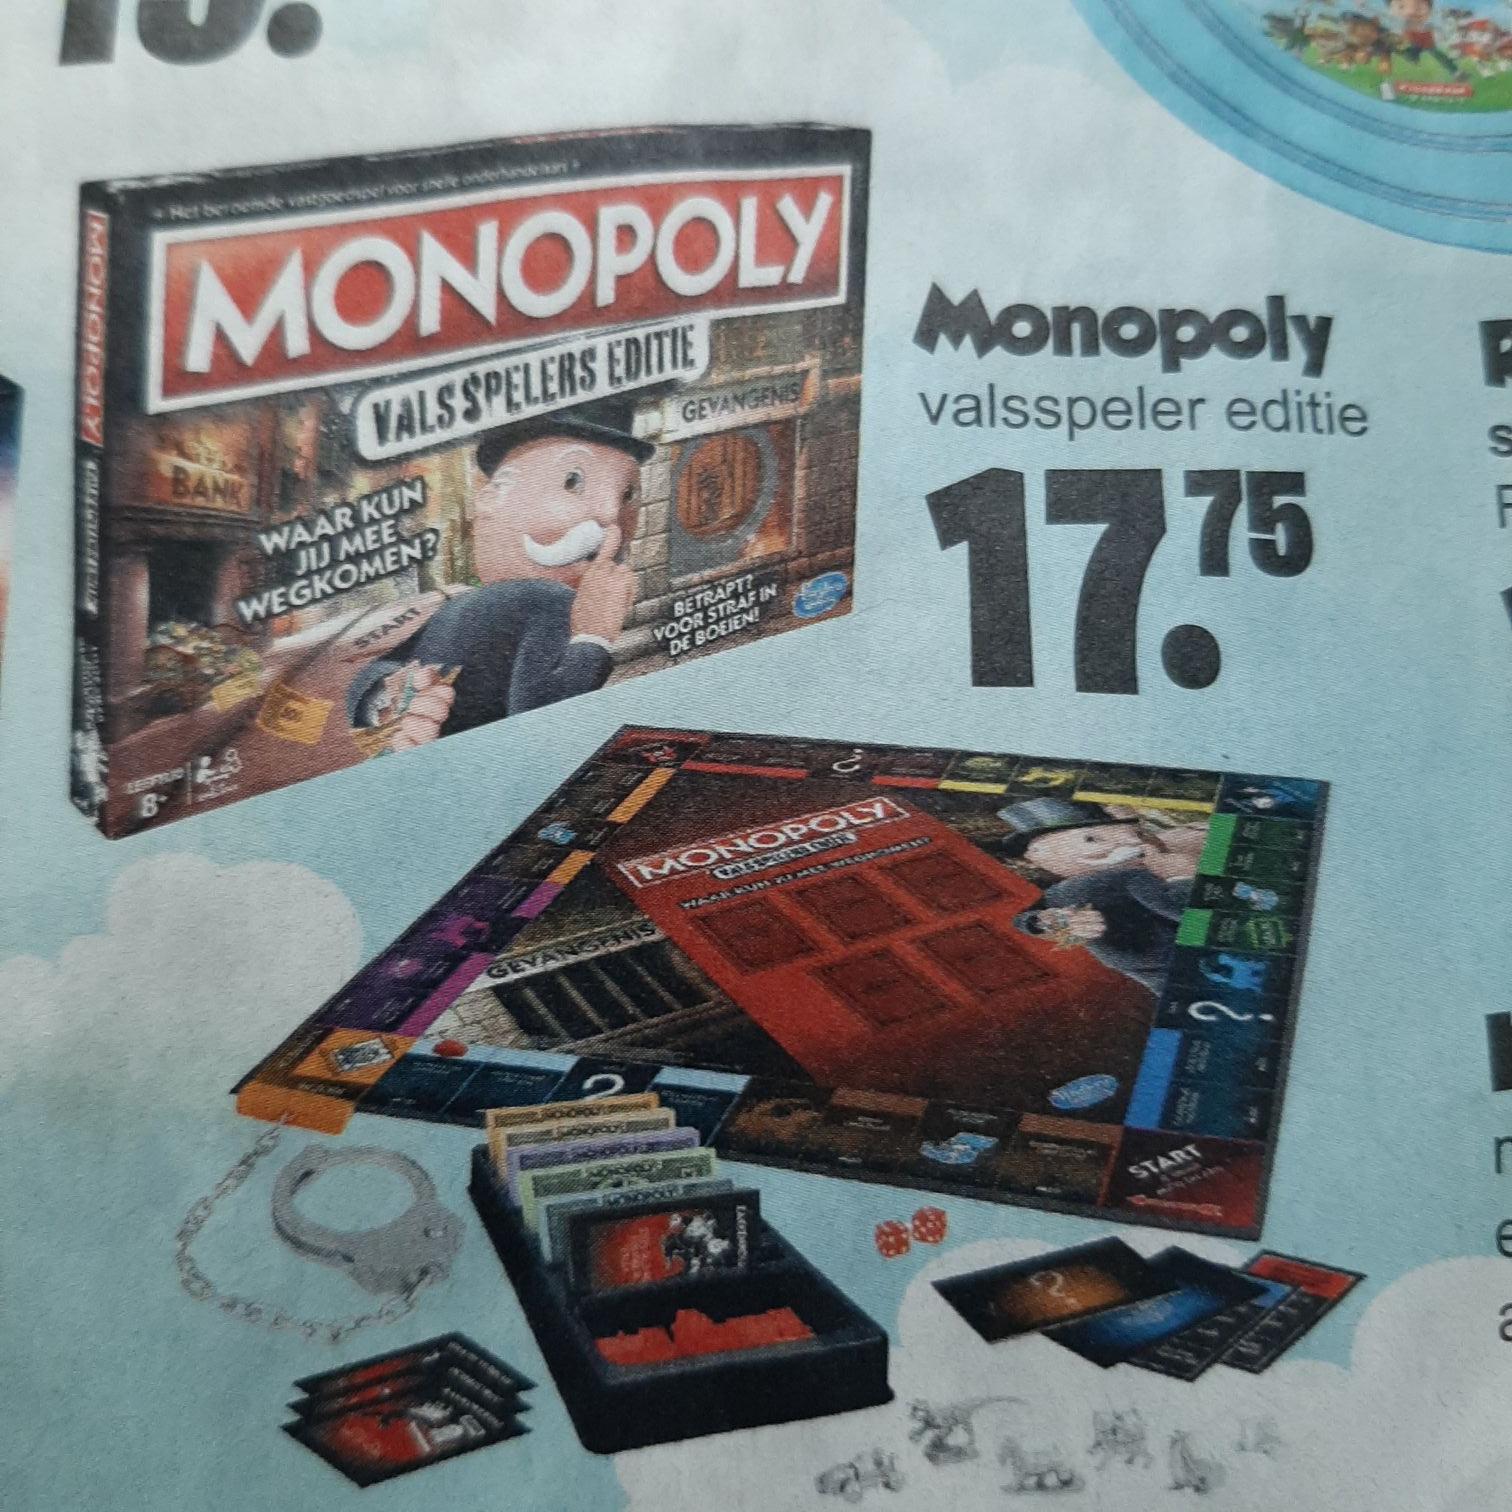 Monopoly valsspeler editie